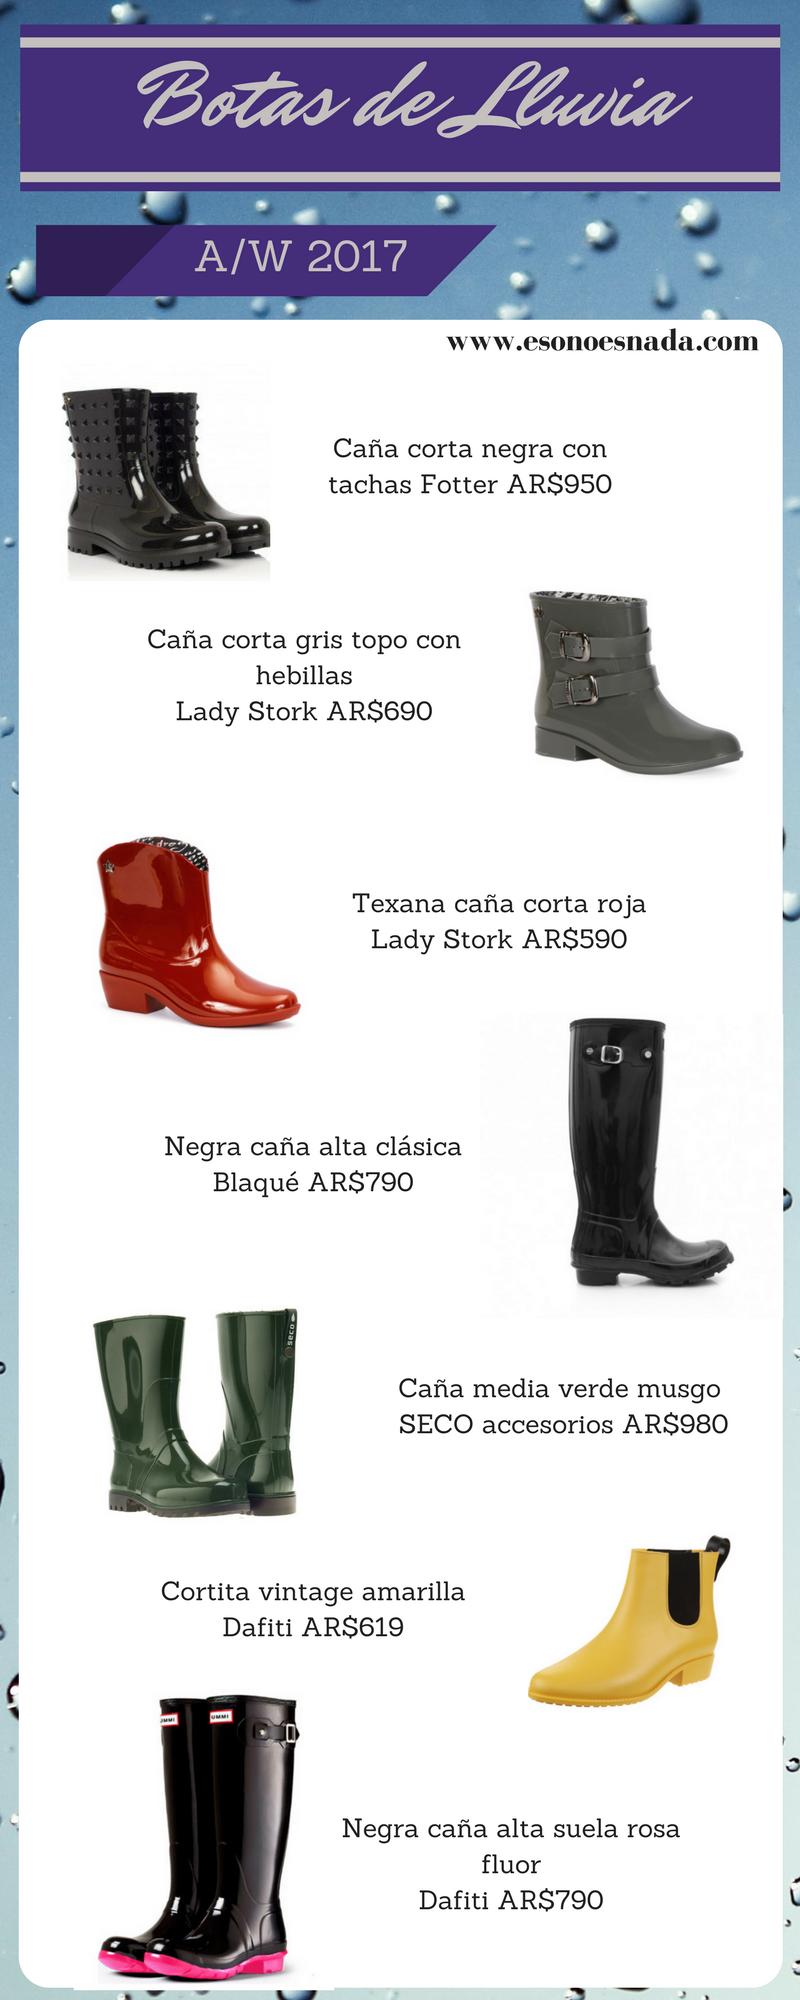 botas de lluvia - Tendencias Botas de Lluvia Temporada Otoño-Invierno 2017